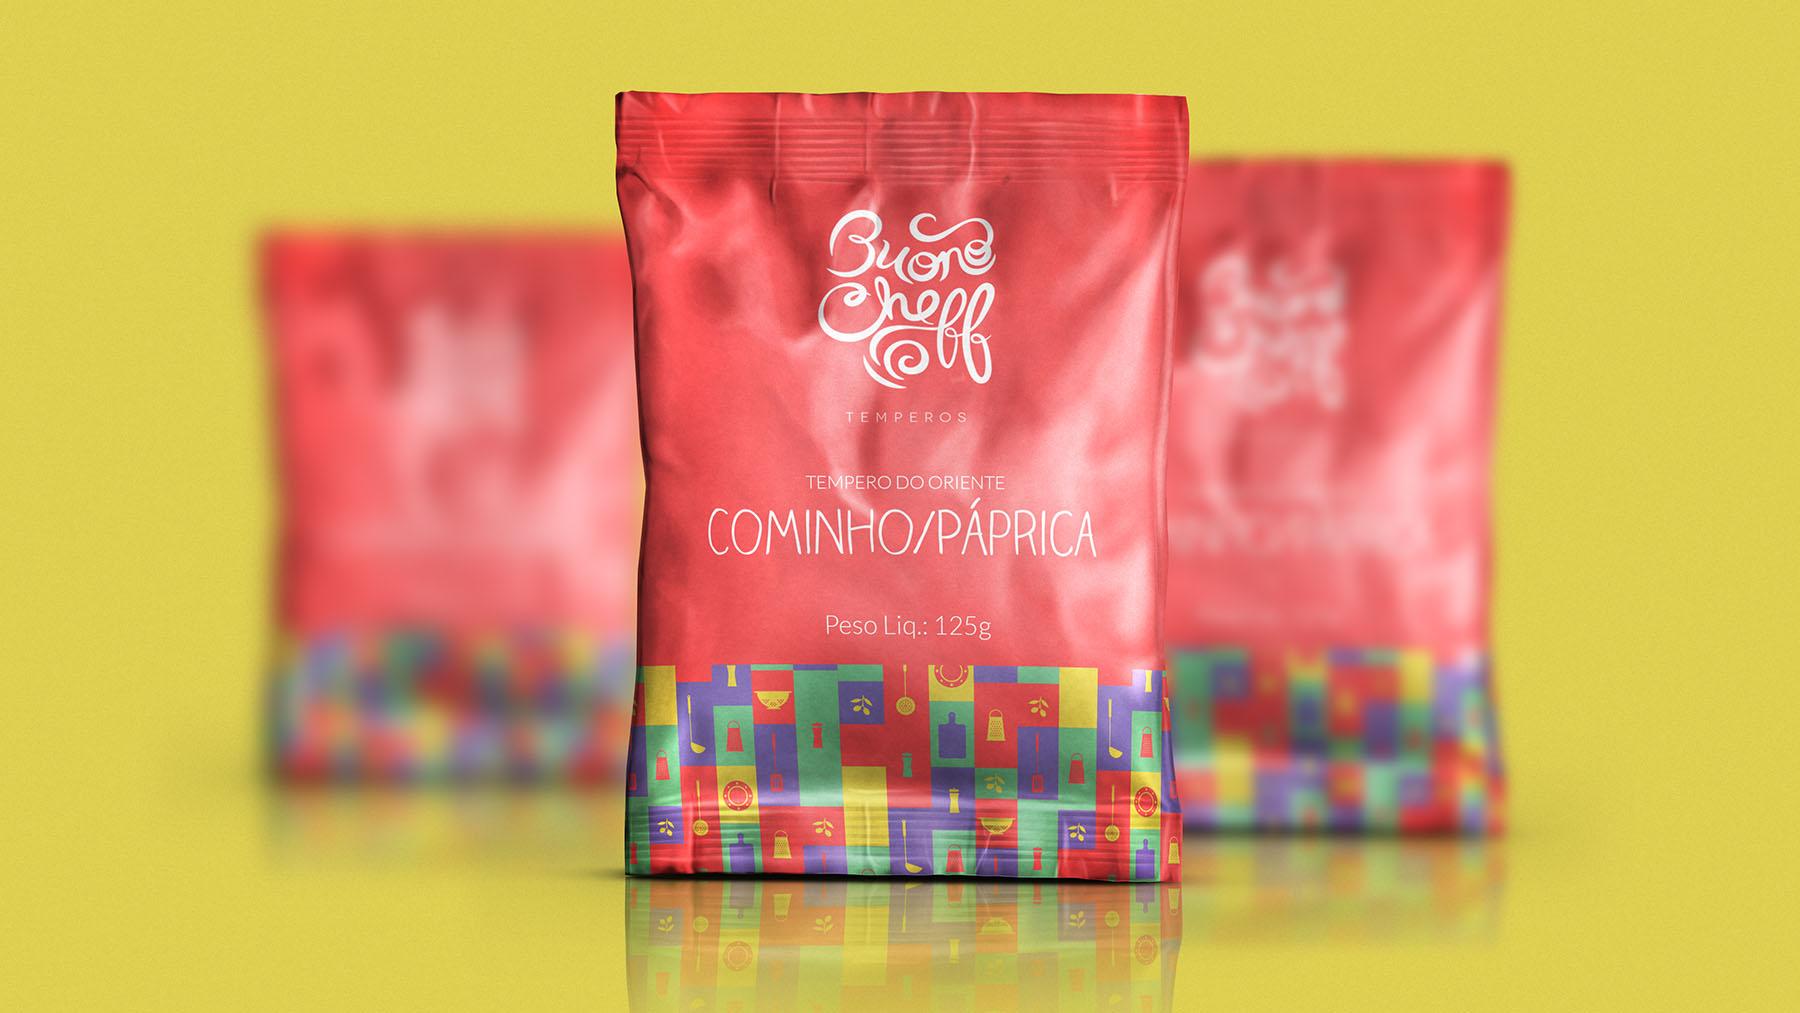 Design de embalagem Buono Cheff